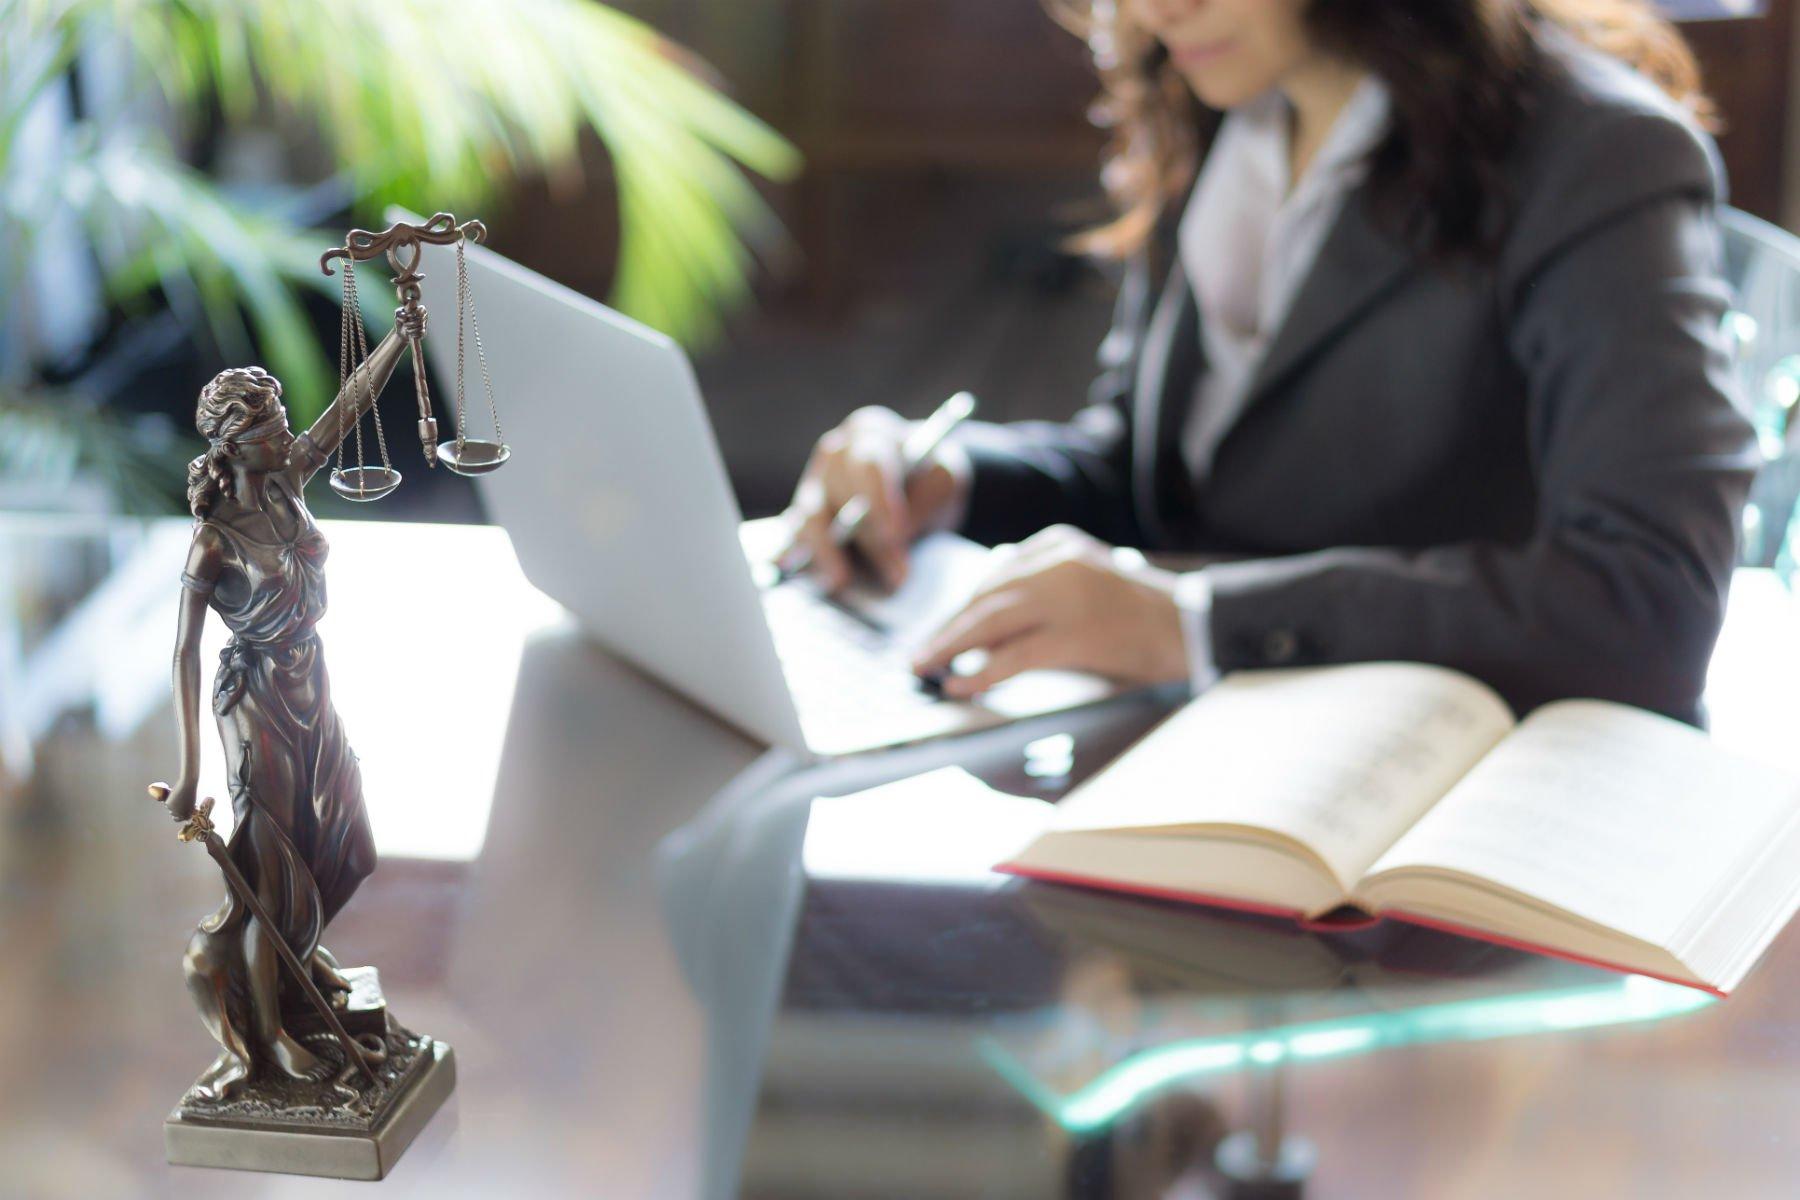 avvocato alla scrivania di studio legale